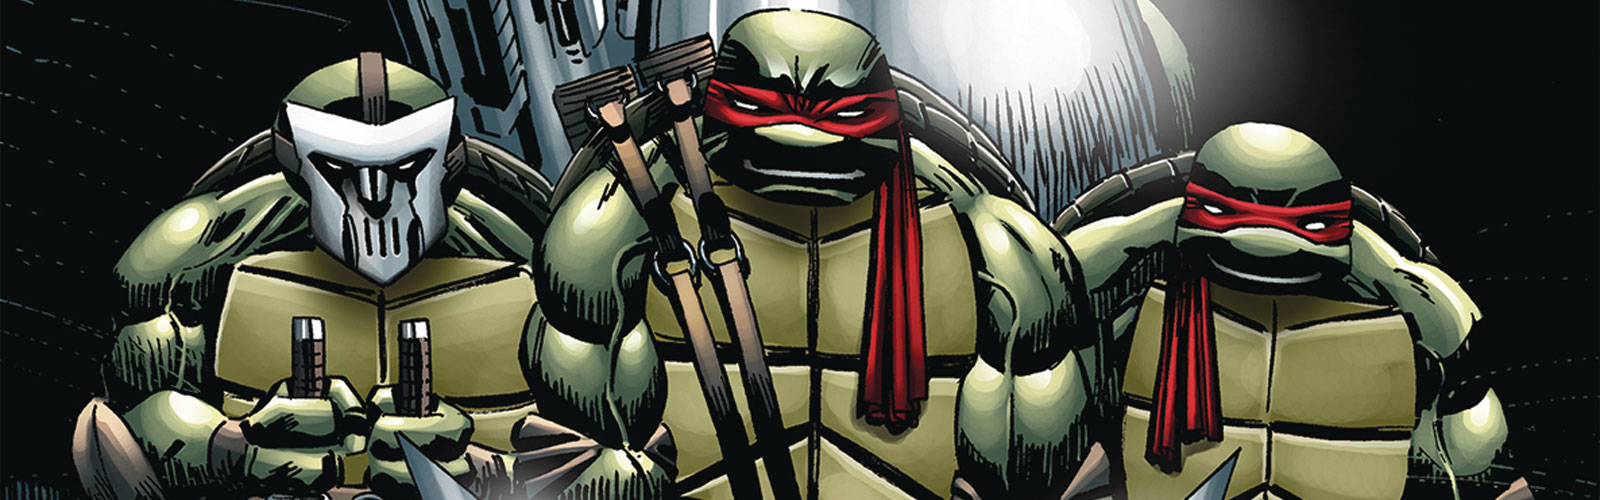 Teenage Mutant Ninja Turtles: Urban Legends